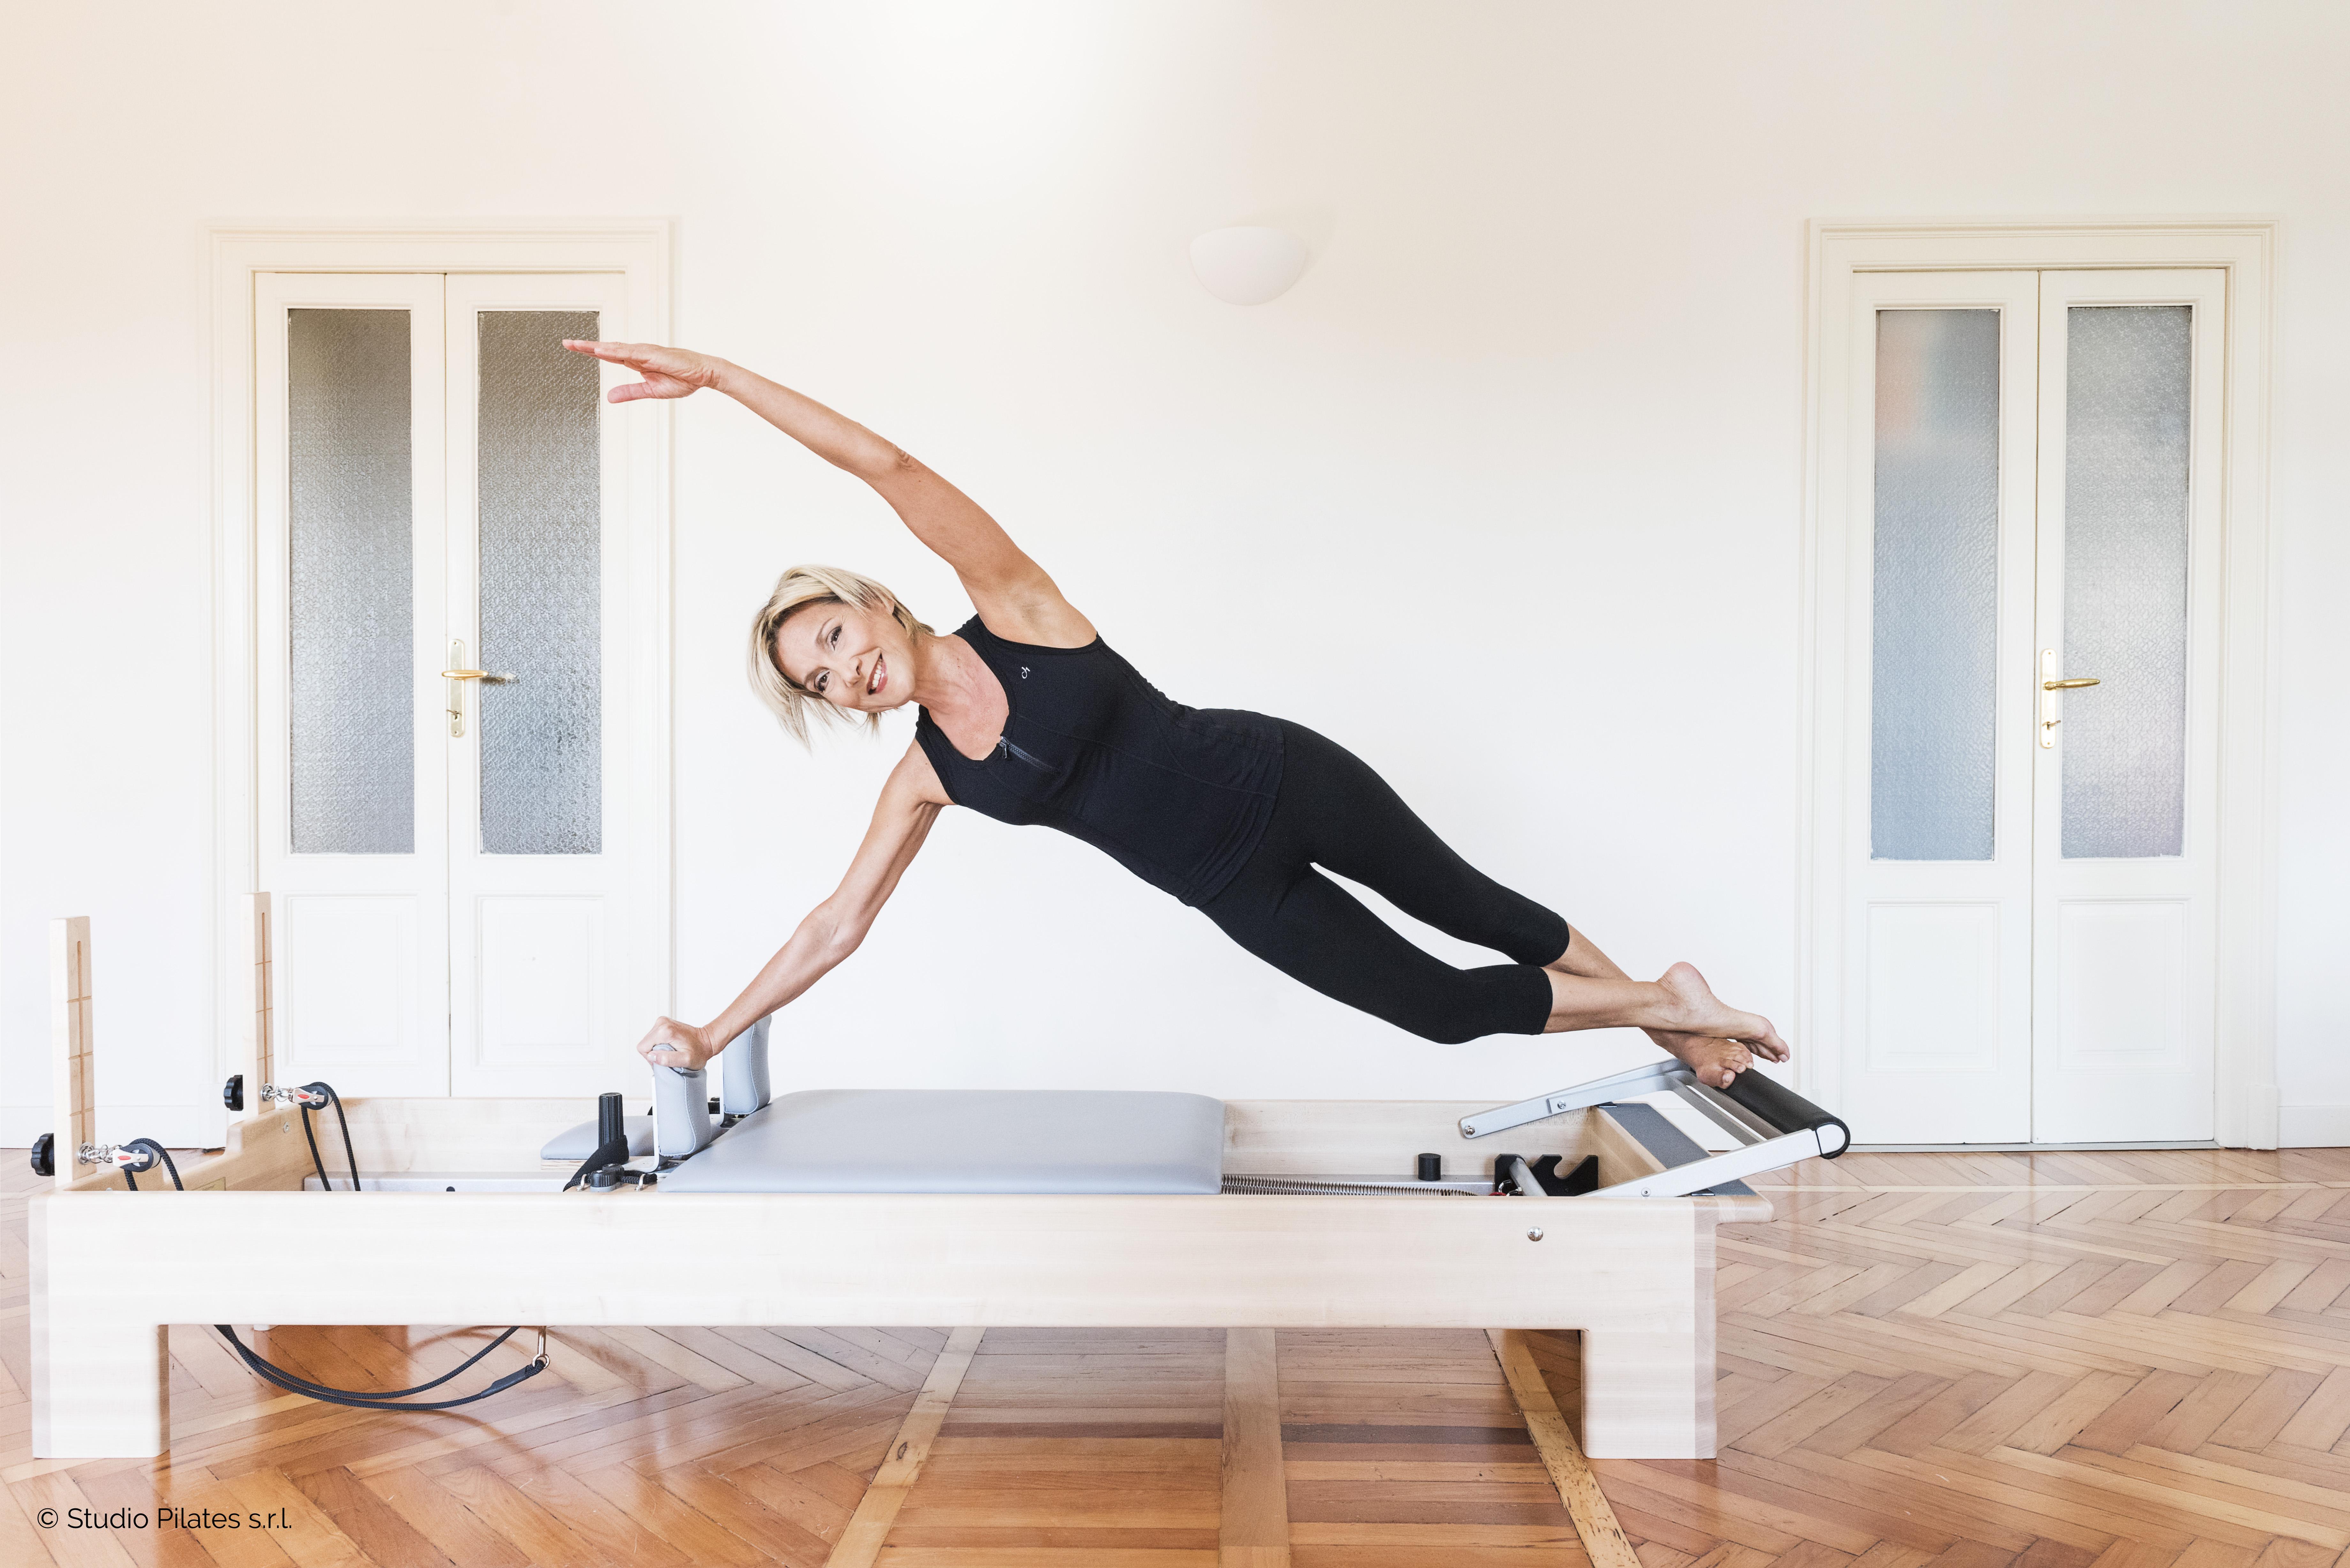 Il Pilates spiegato in 12 parole chiave da Anna Maria Cova